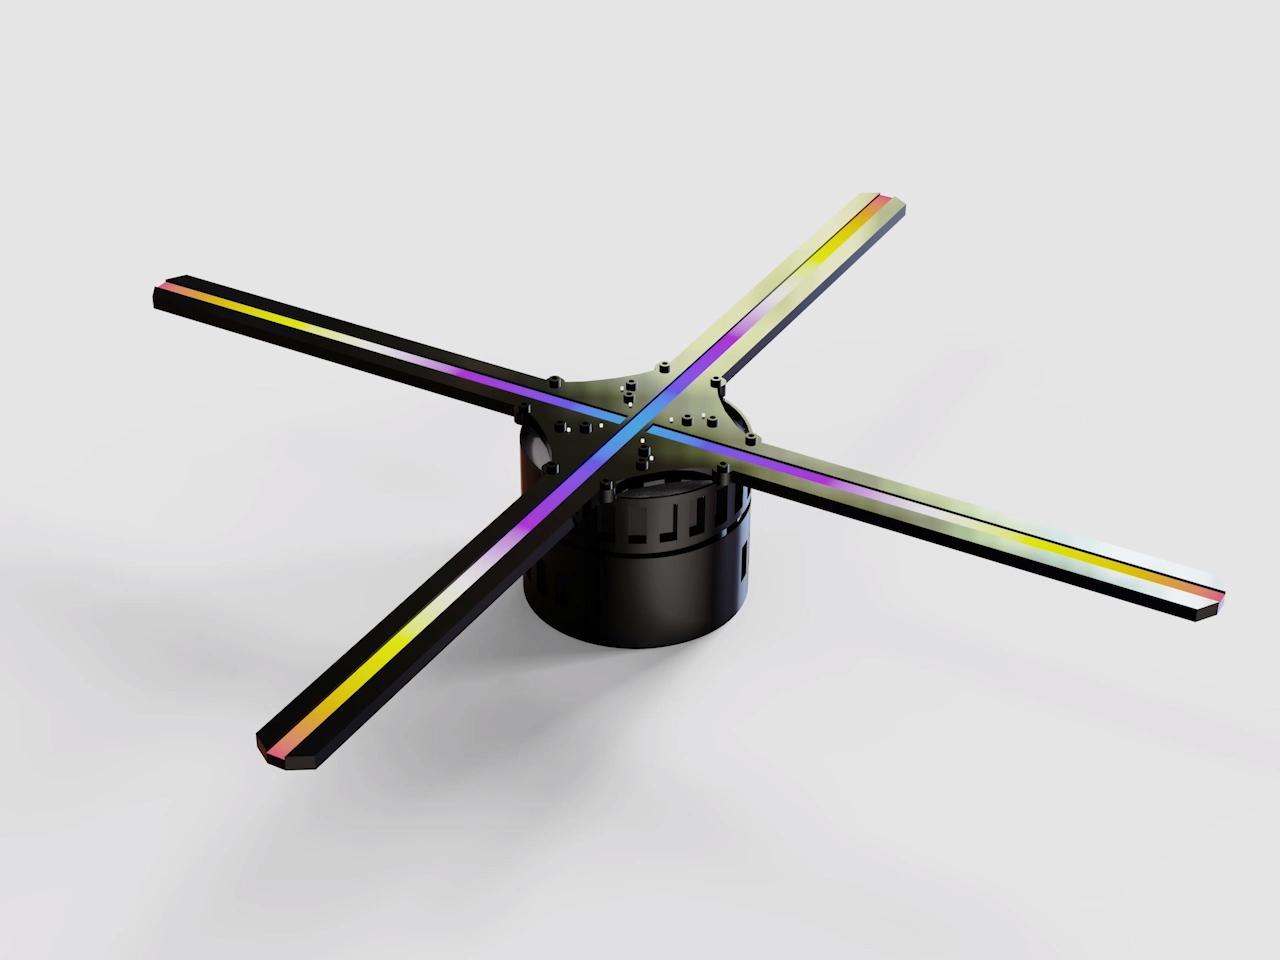 חדש פרסום הולוגרפי LED תצוגת 3D הולוגרמה מאוורר